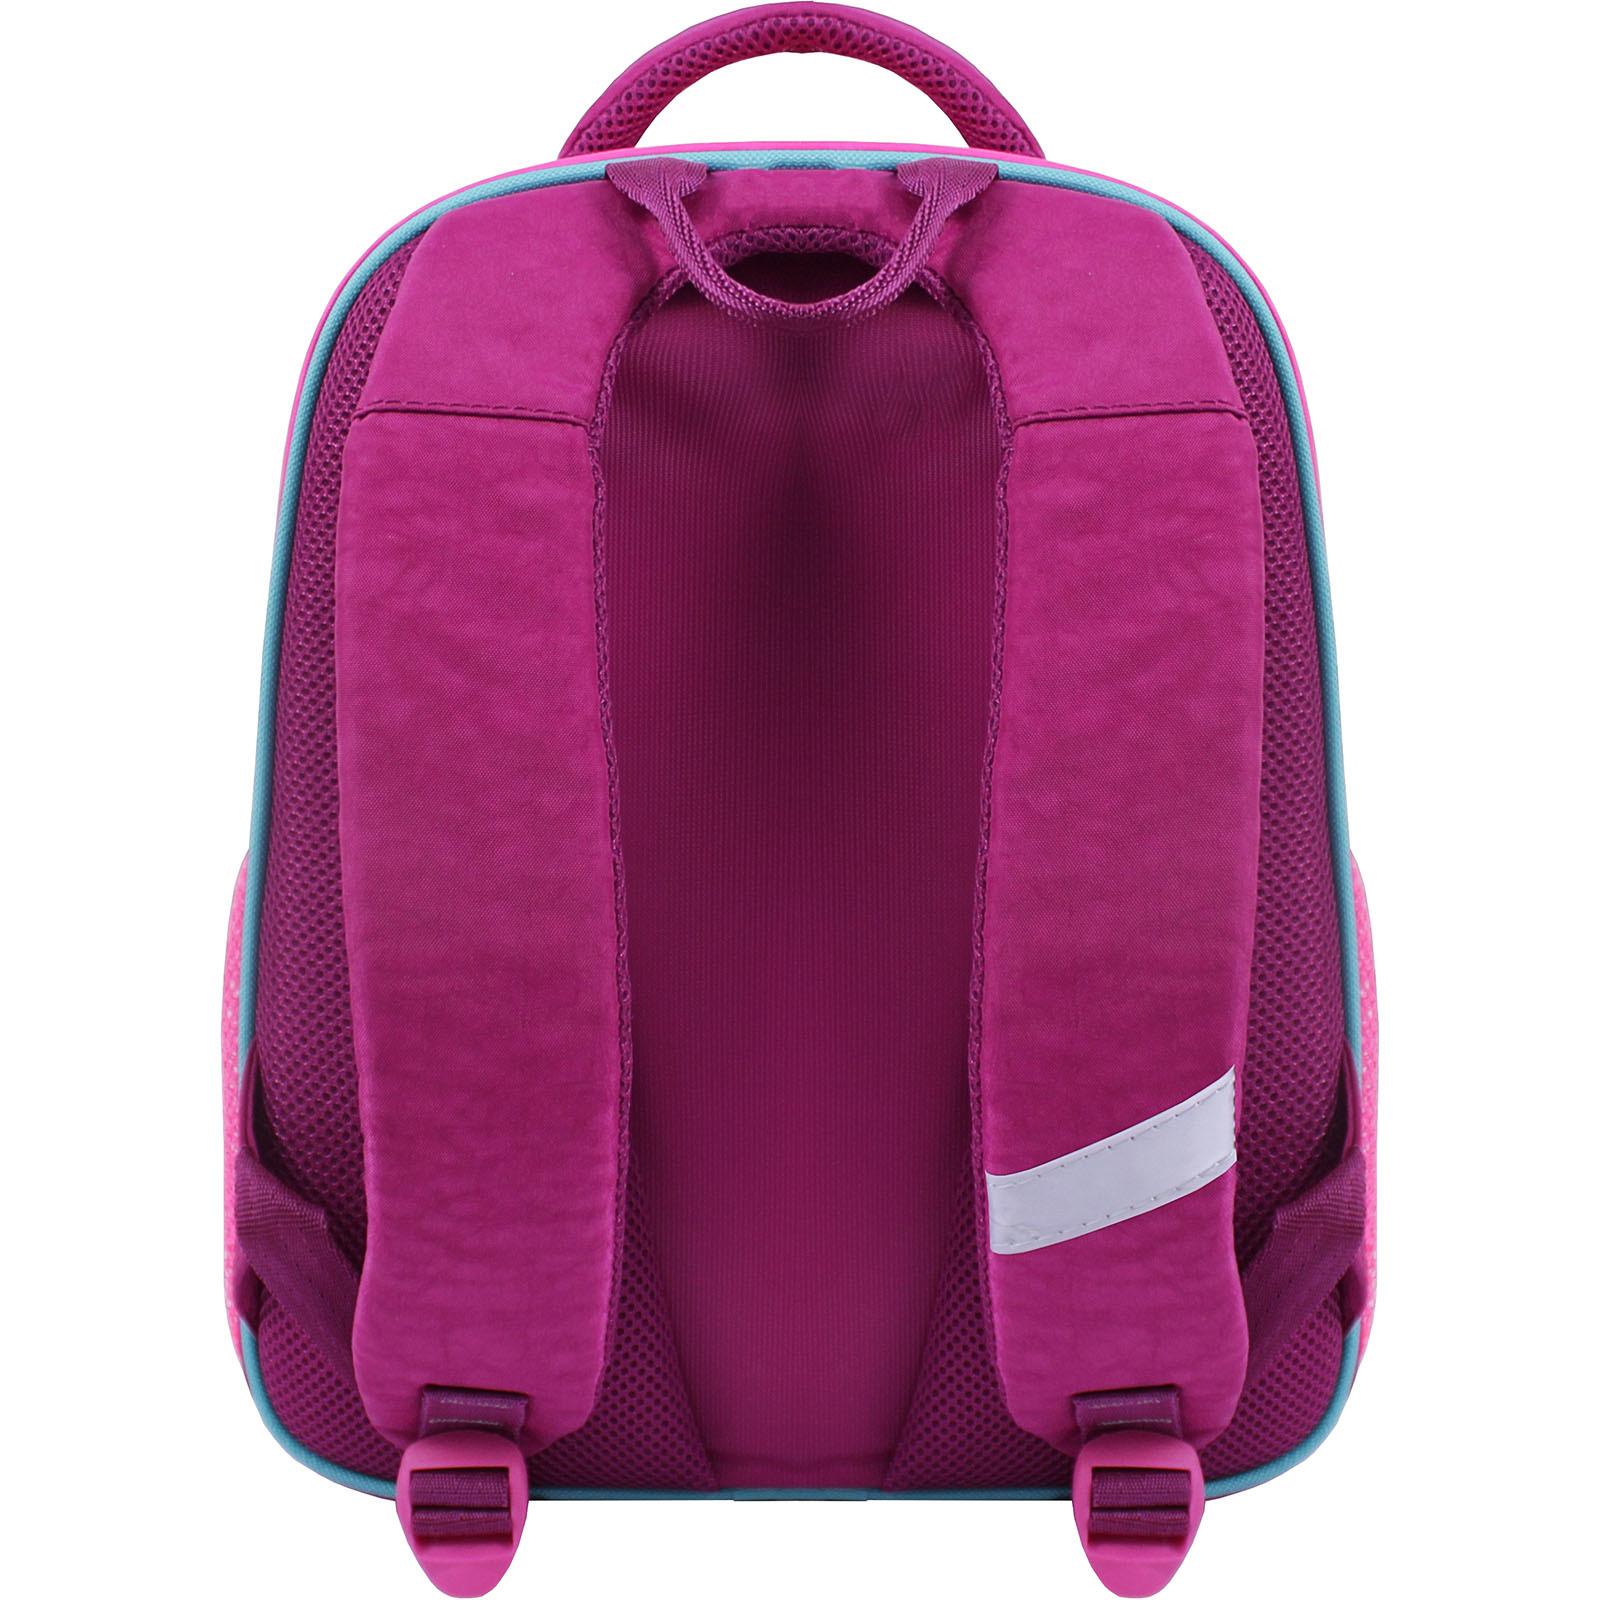 Рюкзак школьный Bagland Отличник 20 л. Малиновый 617 (0058070) фото 3